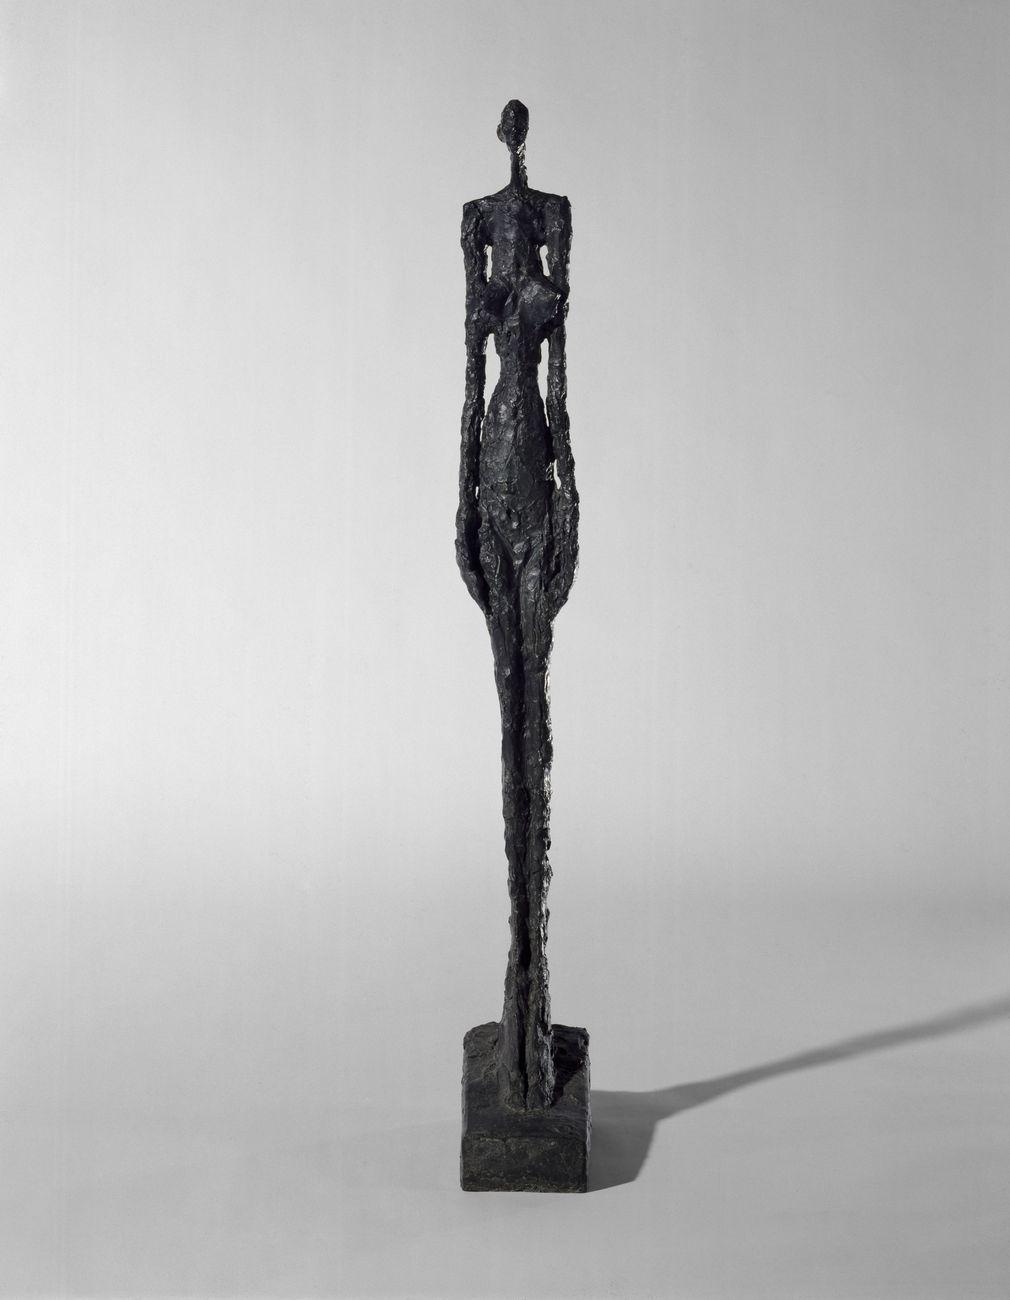 Alberto Giacometti, Femme de Venise V, 1956, bronzo, cm 110,5 x 31,3 x 14. Centre Pompidou, Parigi © Succession Alberto Giacometti (Fondation Alberto et Annette Giacometti, Paris + ADAGP, Paris, 2021). Photo © Philippe Migeat